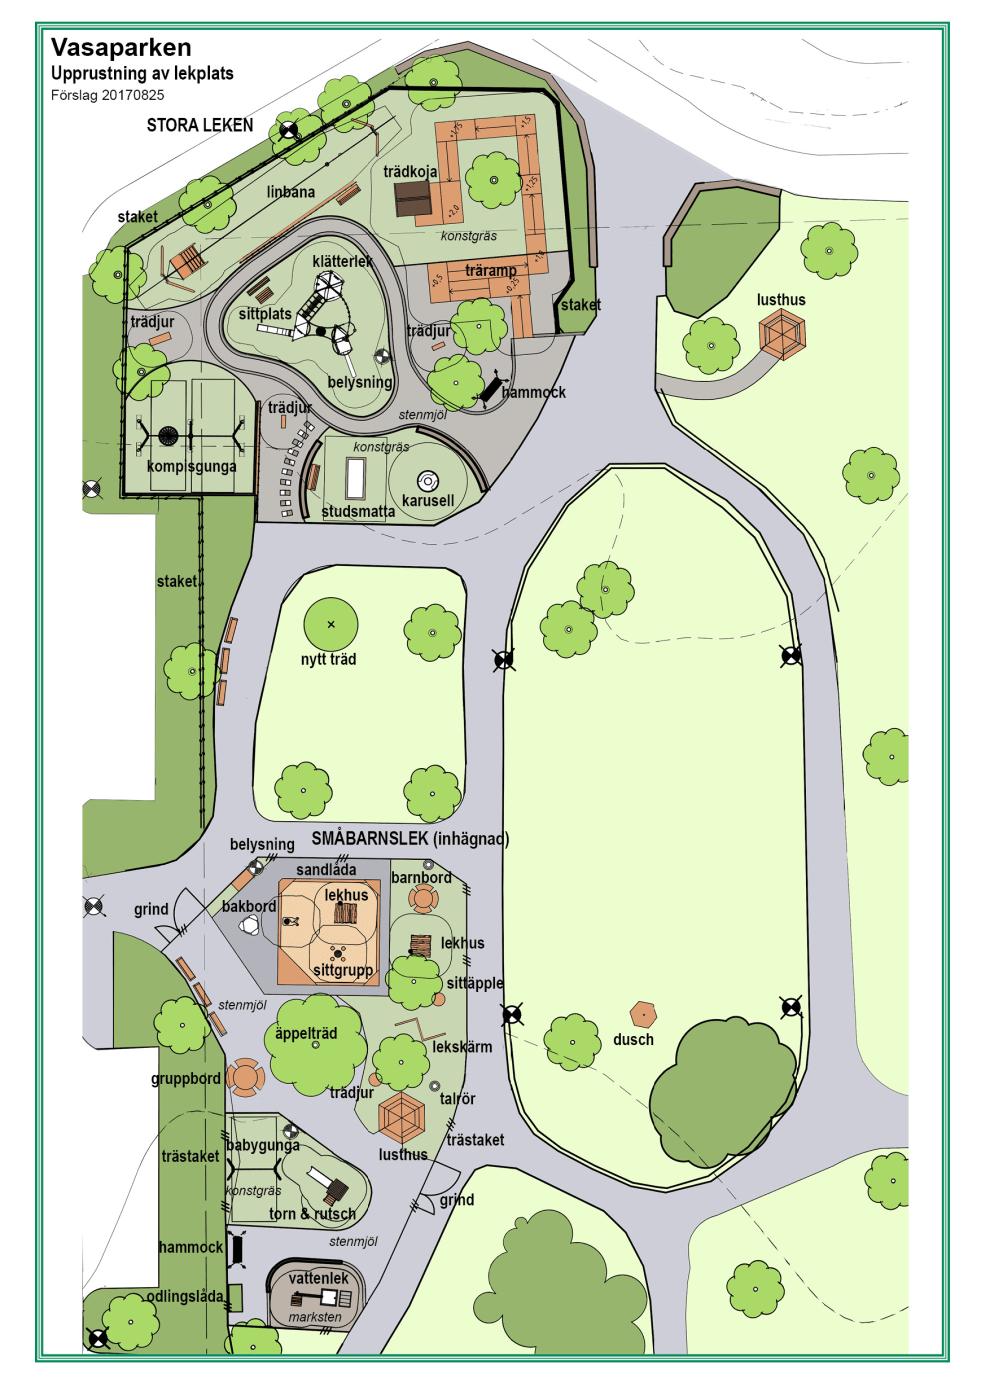 Uppsalaborna får sin önskelekplats i Vasaparken